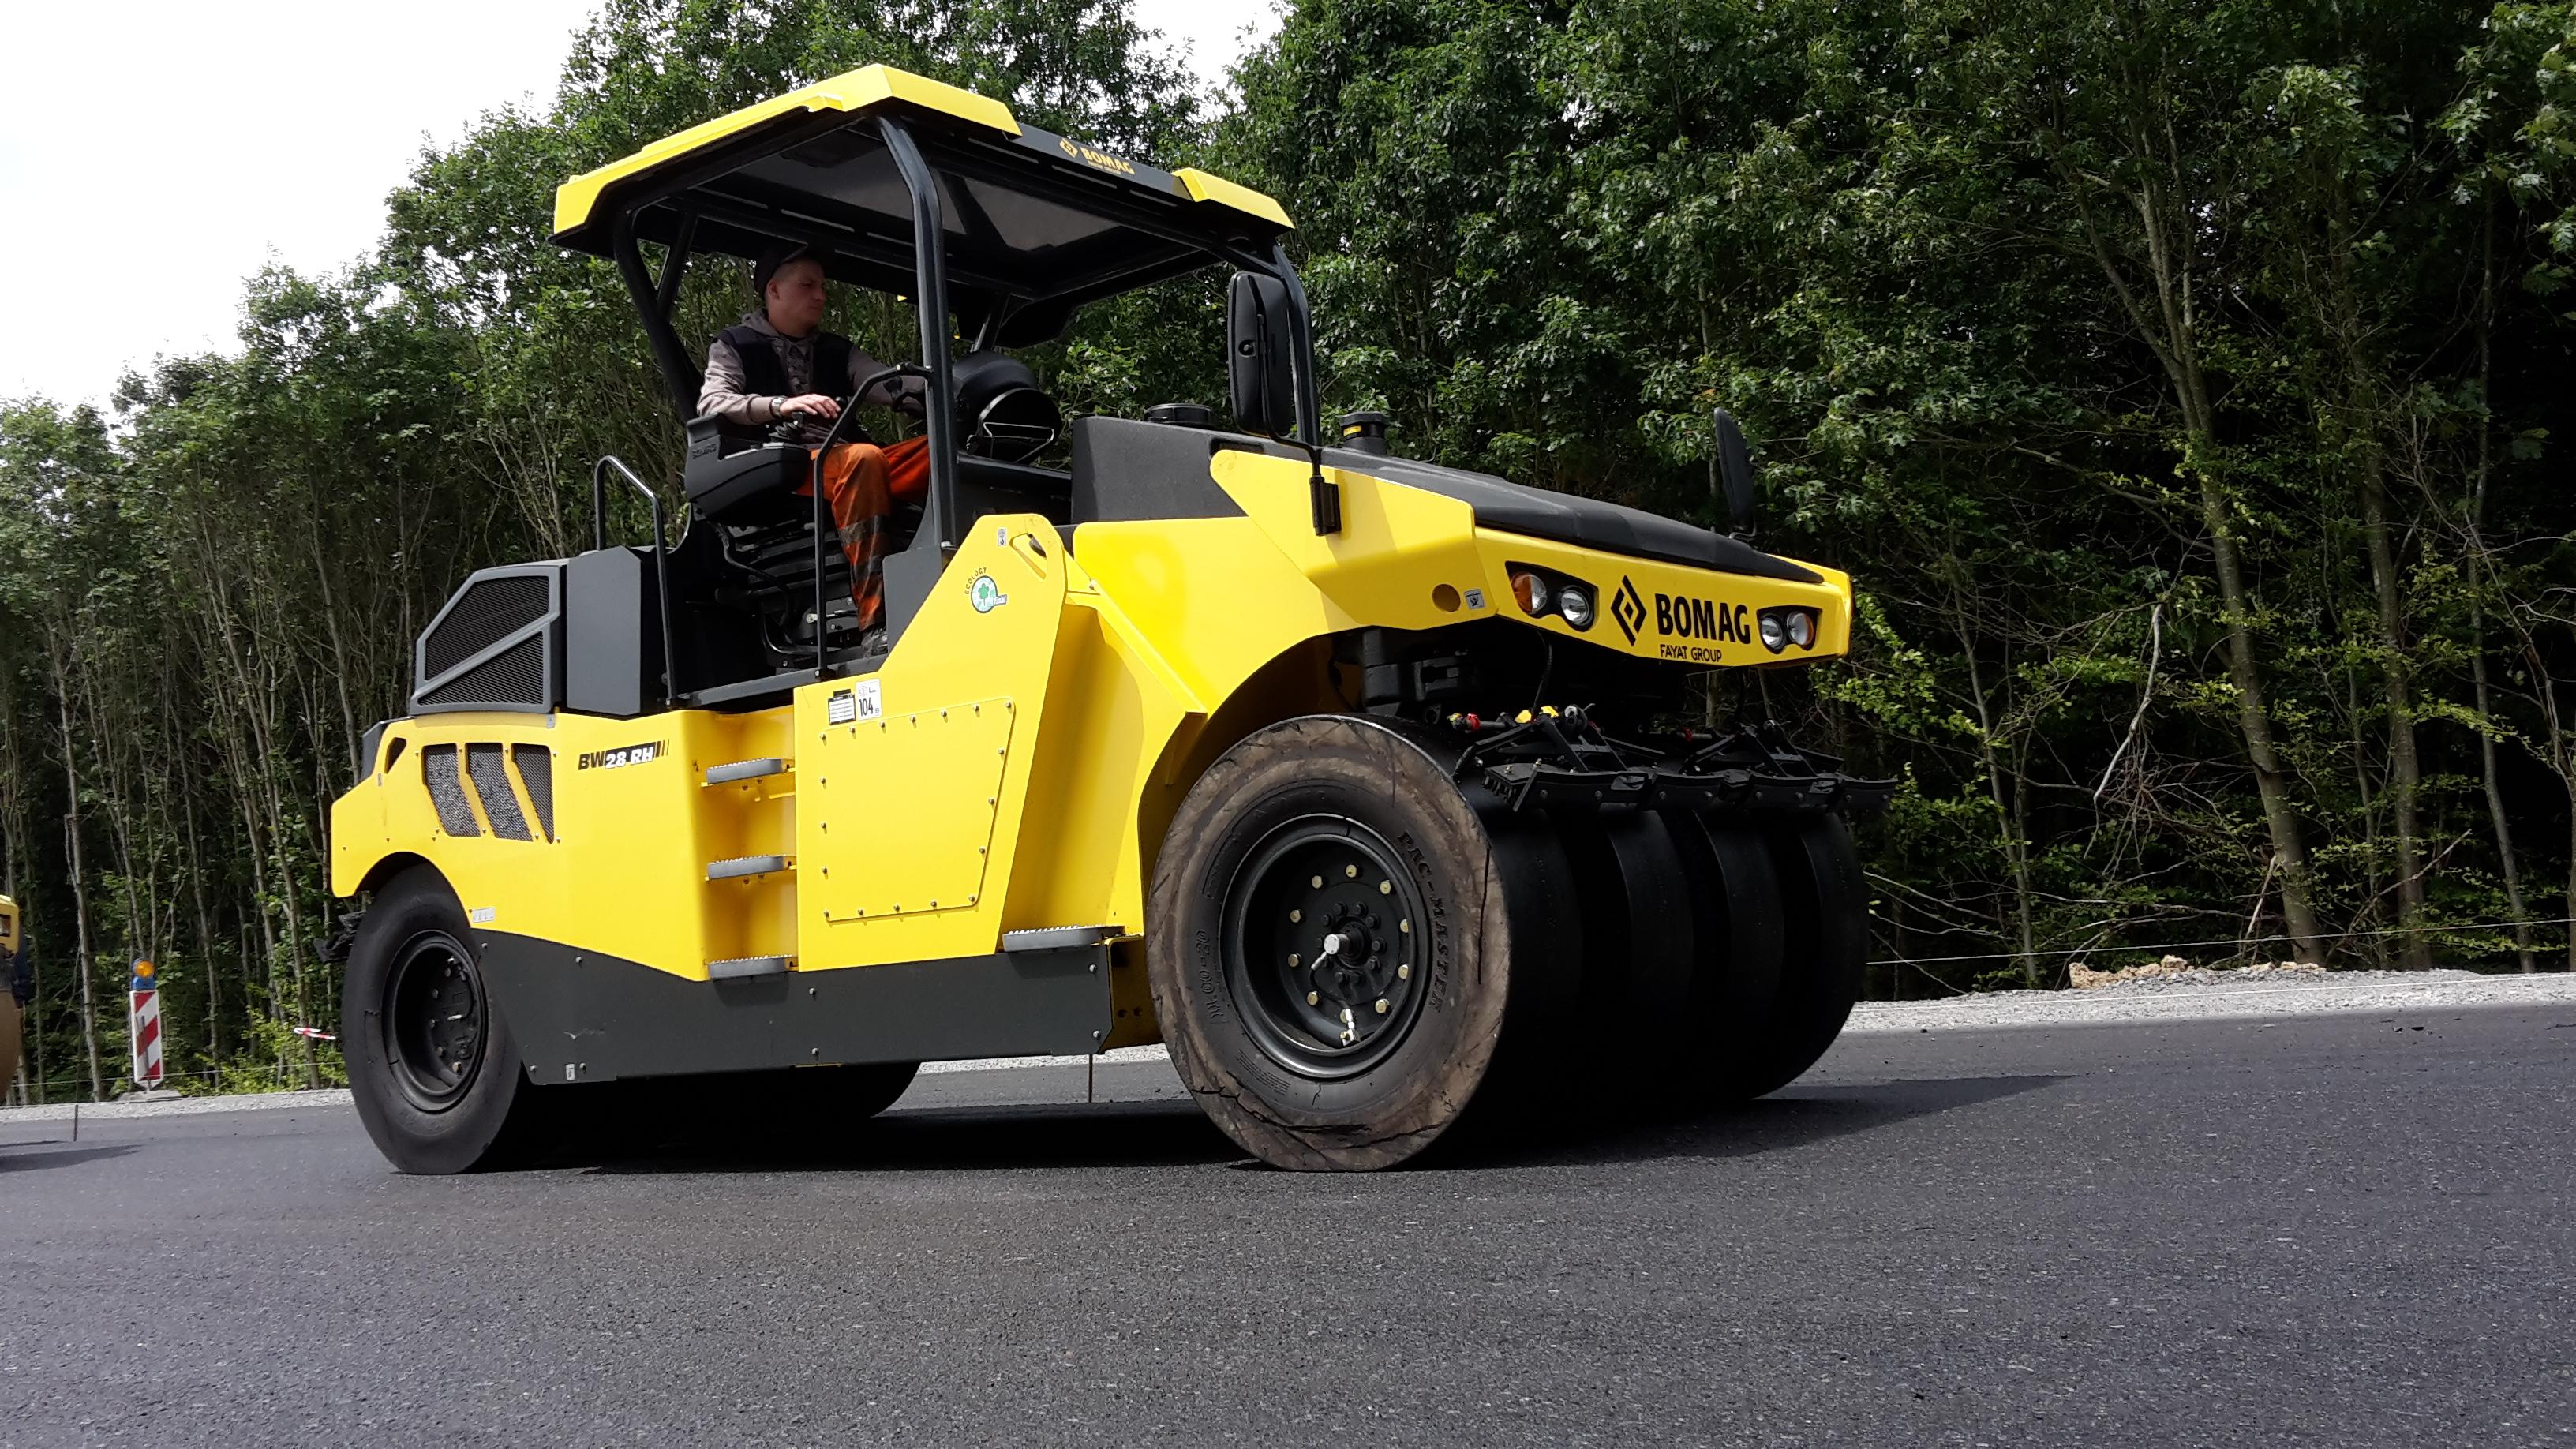 Die neue Gummiradwalze BW 28 RH bietet dem Bediener unter allen Bedingungen Komfort und optimale Ergonomie.